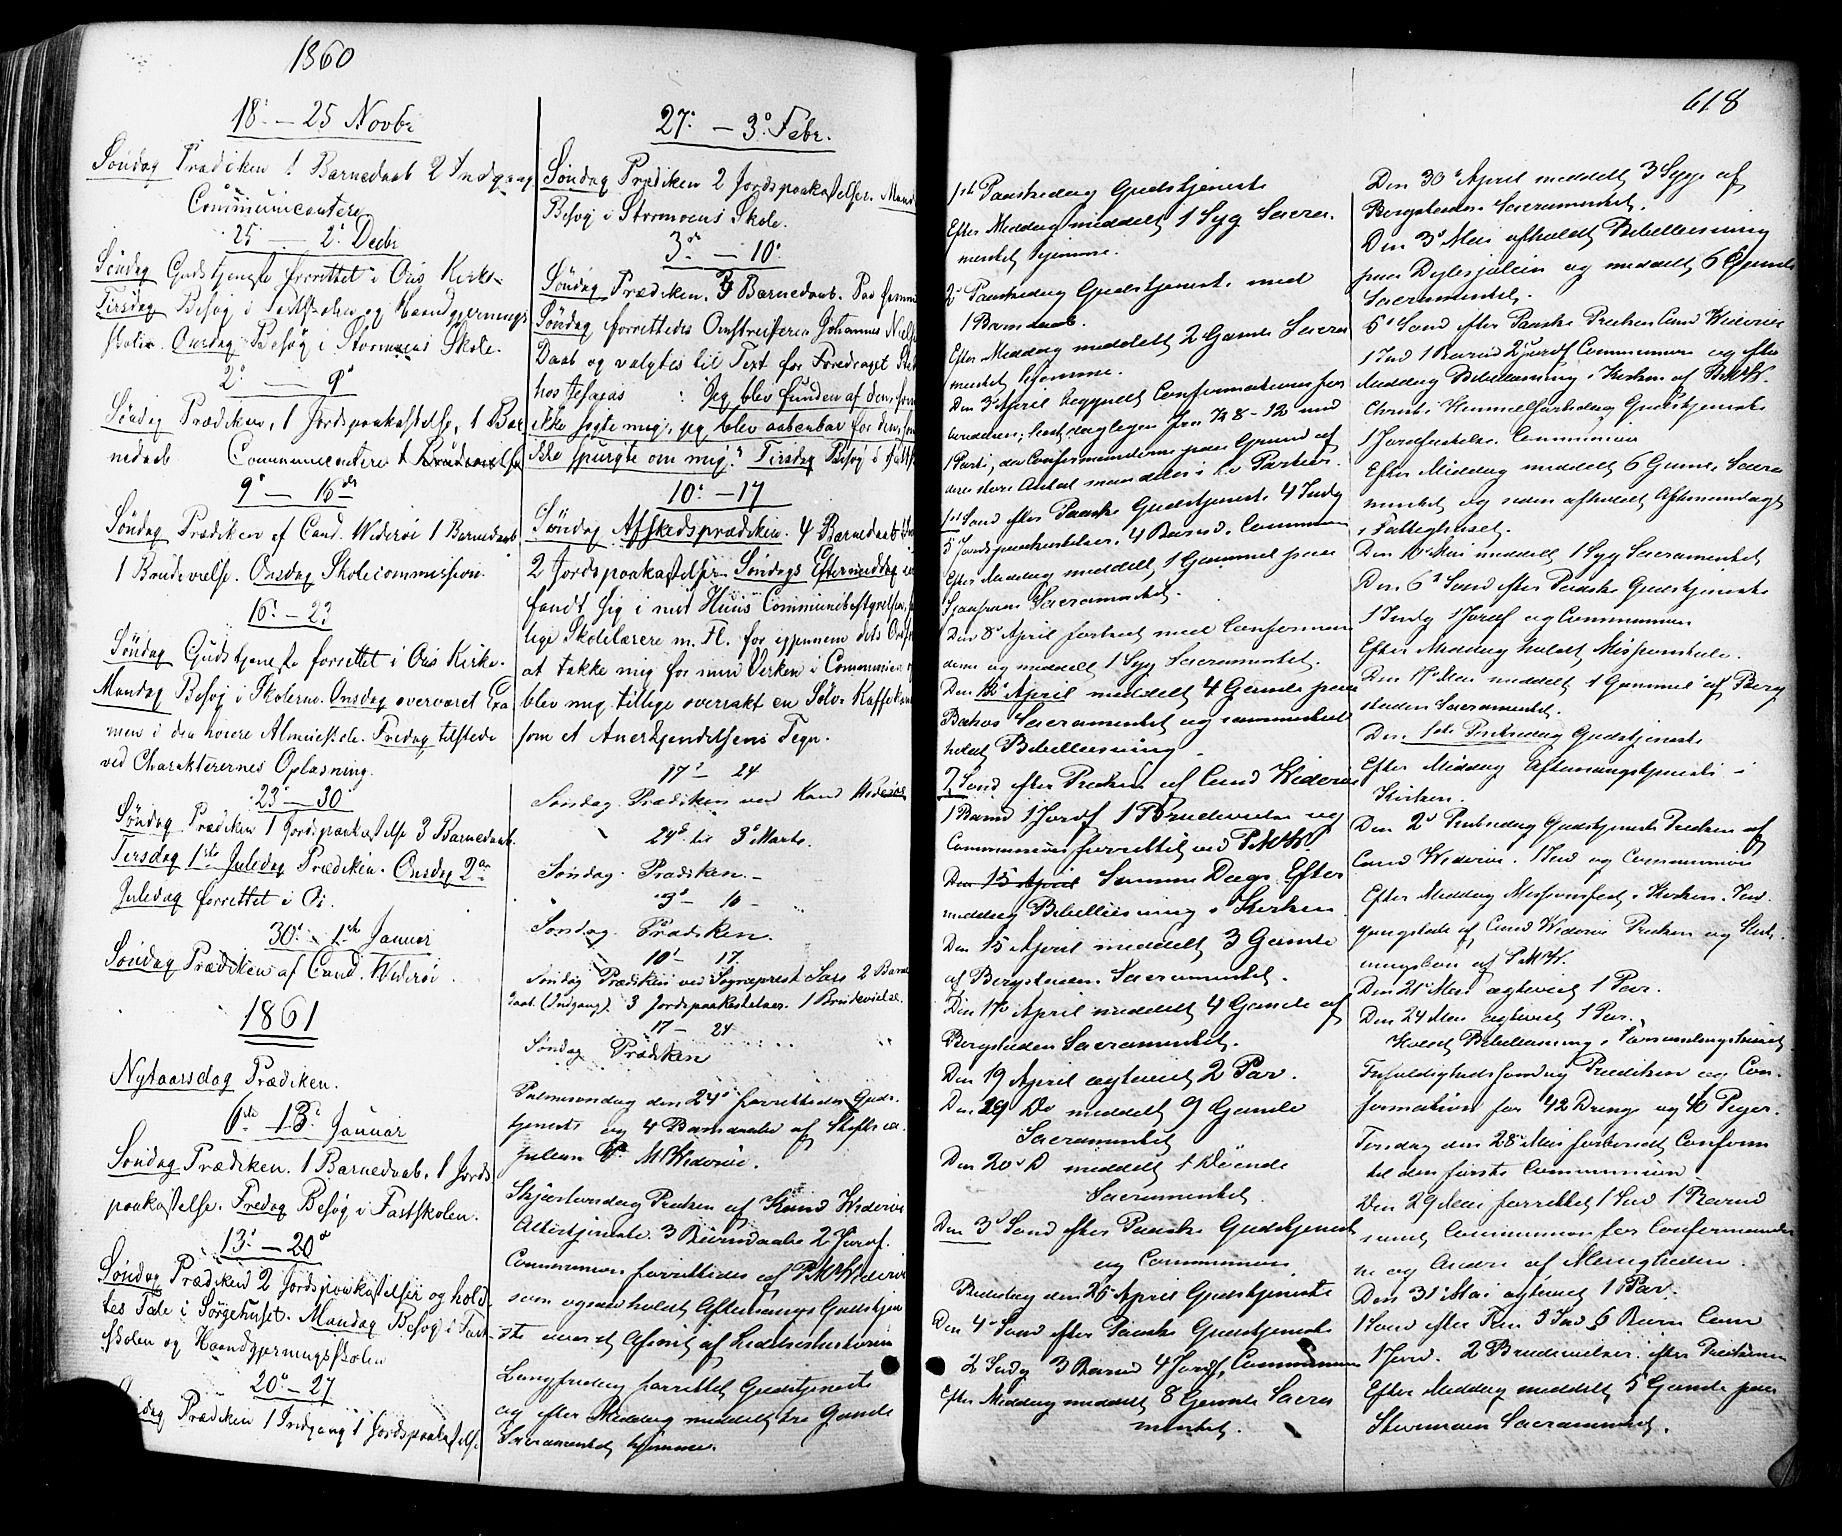 SAT, Ministerialprotokoller, klokkerbøker og fødselsregistre - Sør-Trøndelag, 681/L0932: Ministerialbok nr. 681A10, 1860-1878, s. 618